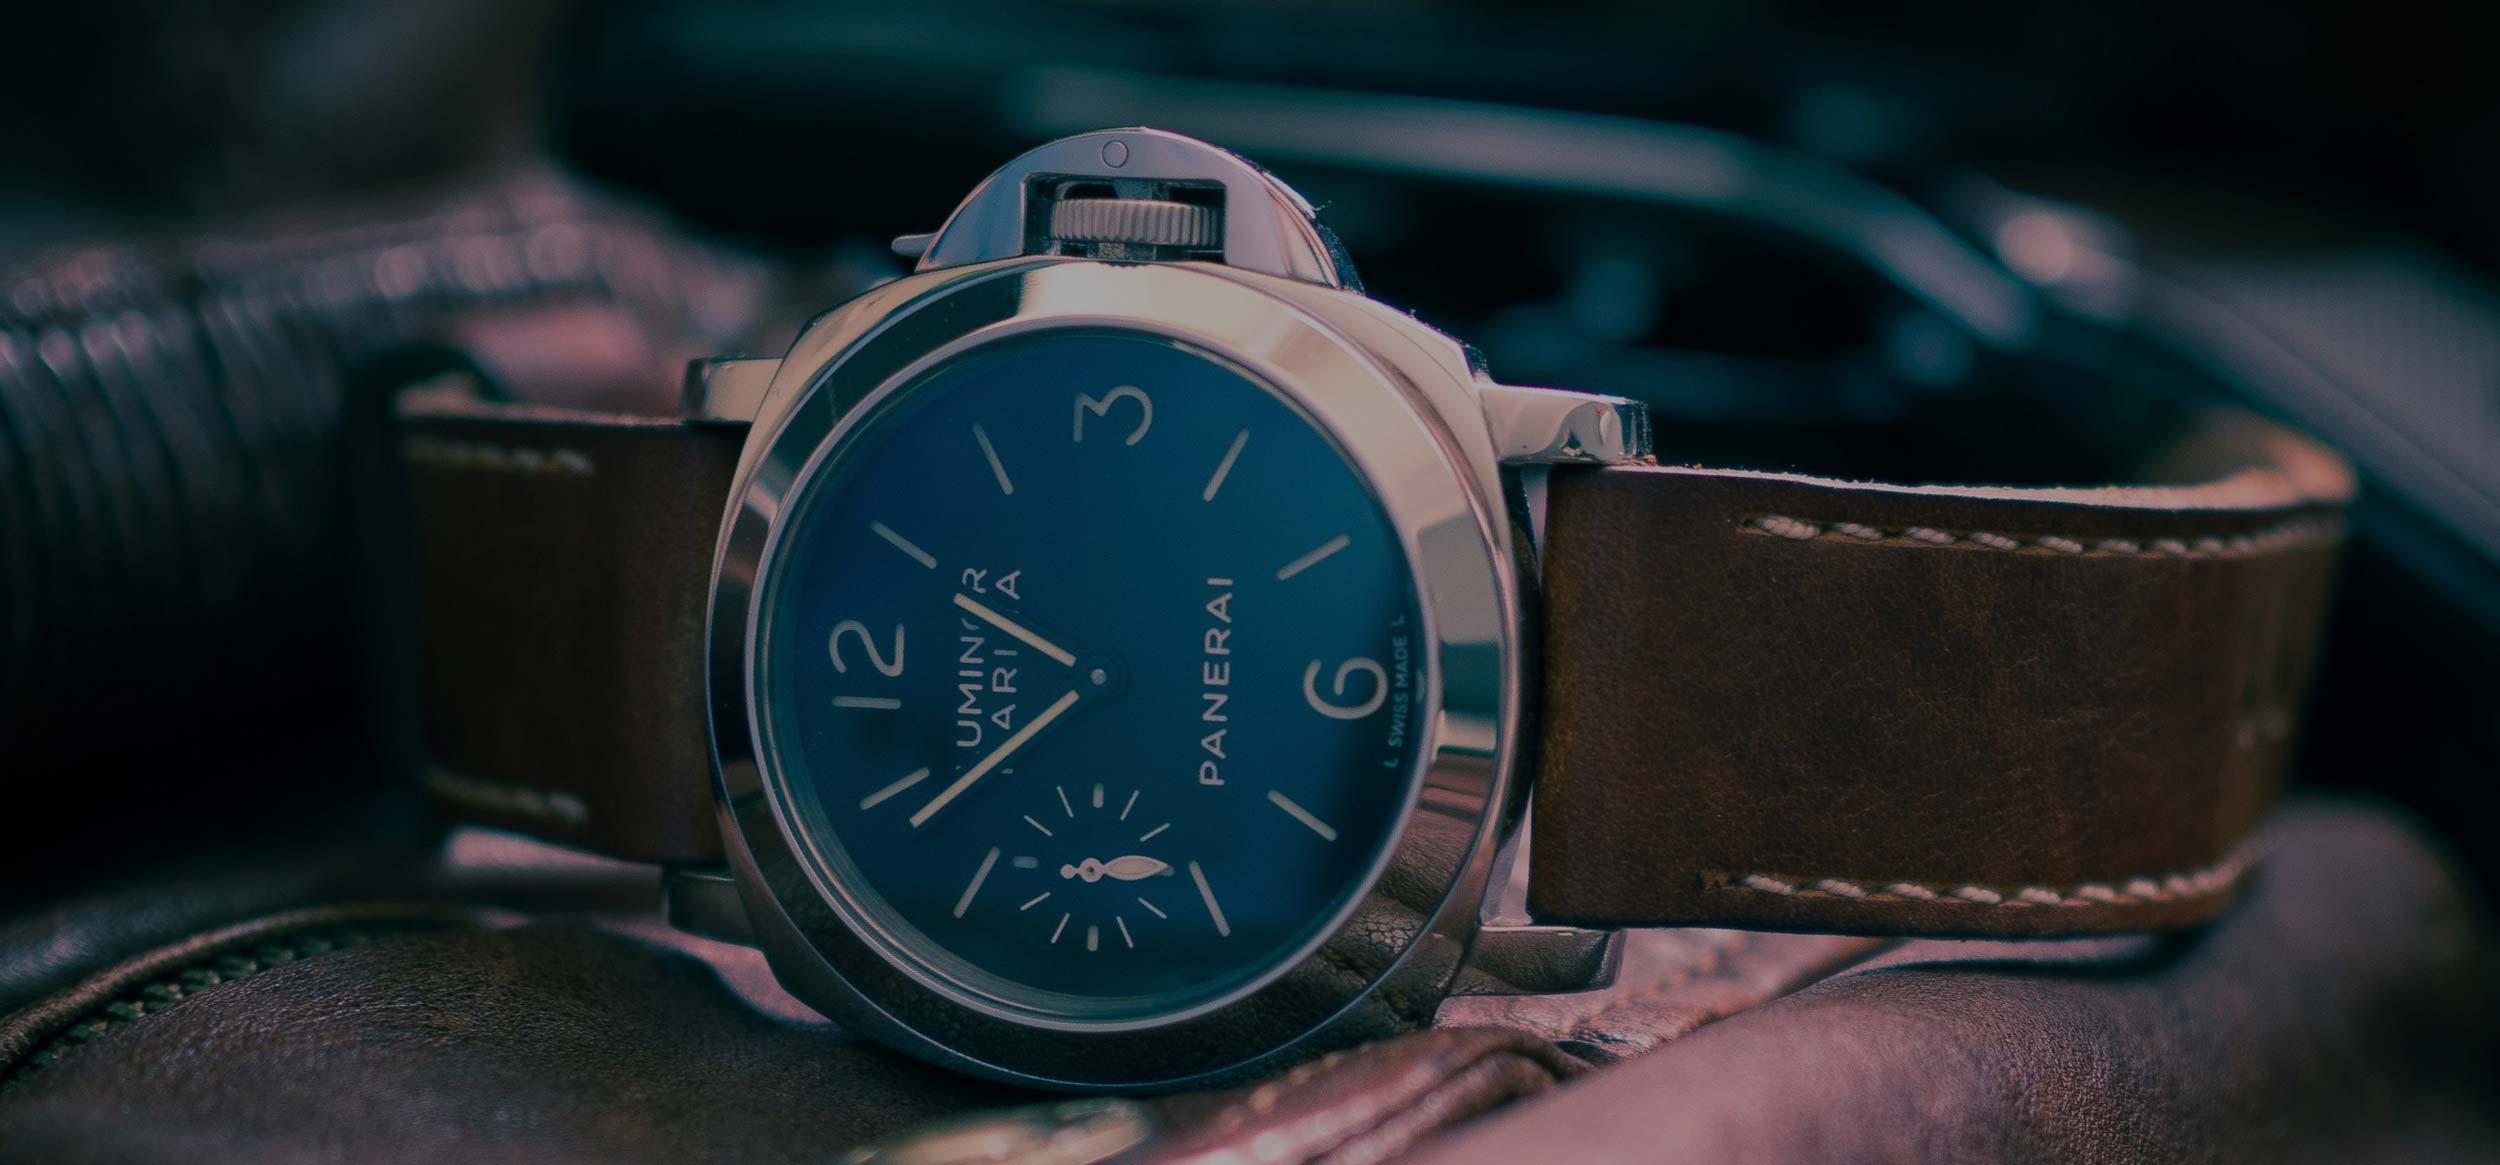 f3fc3ad91ddc ARUM JOYEROS - Especialistas en alta joyería y relojería de ocasión